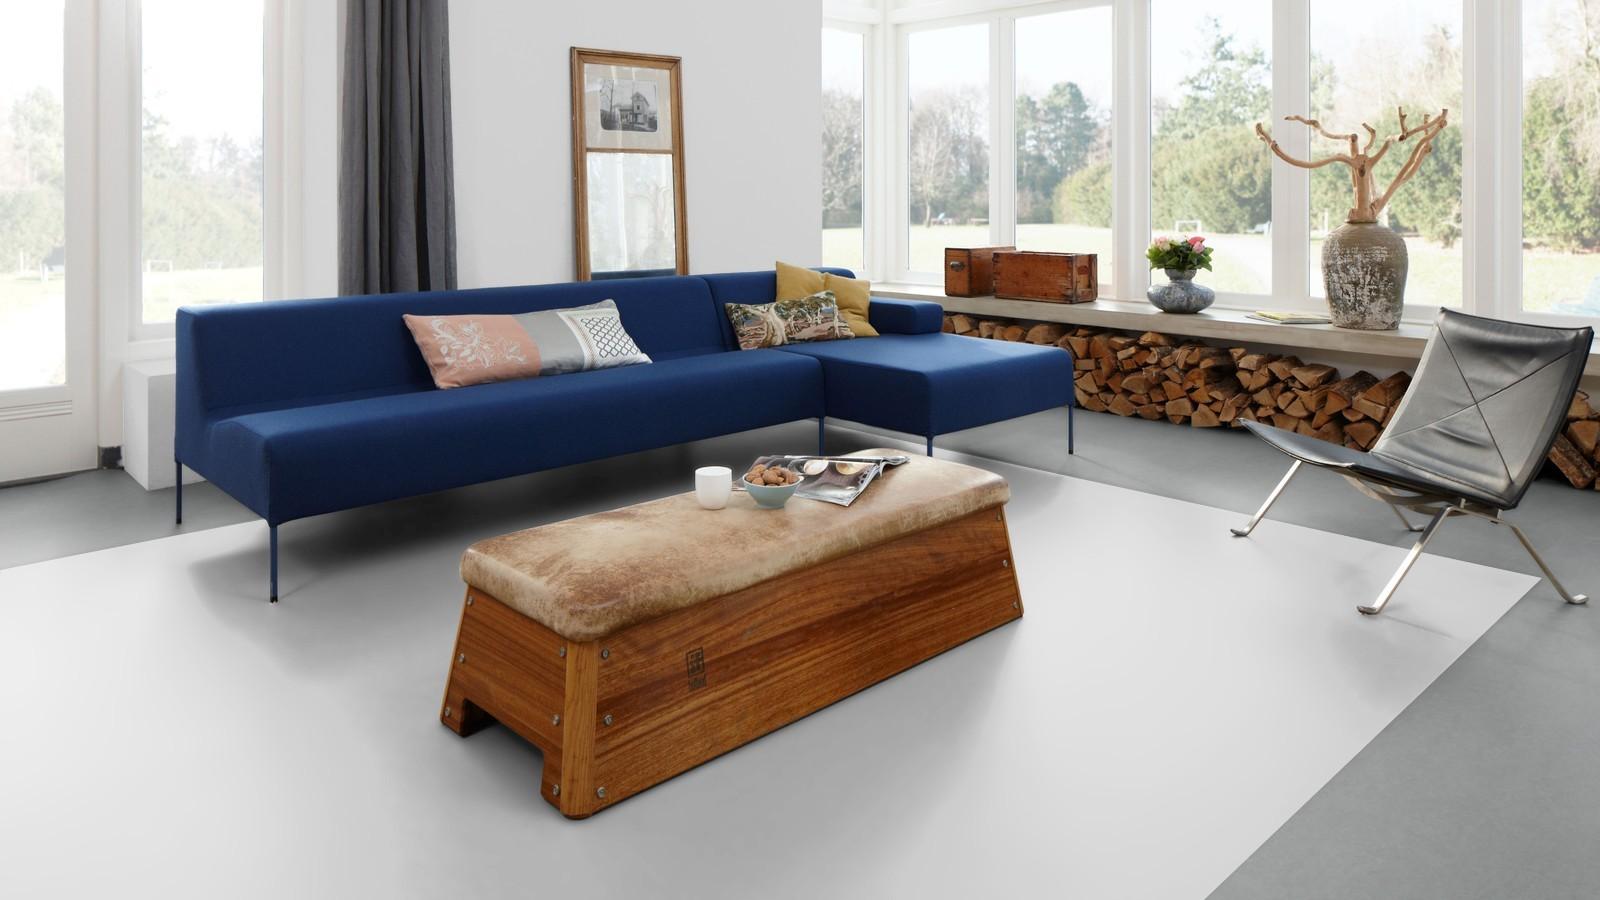 forbo marmoleum click system. Black Bedroom Furniture Sets. Home Design Ideas